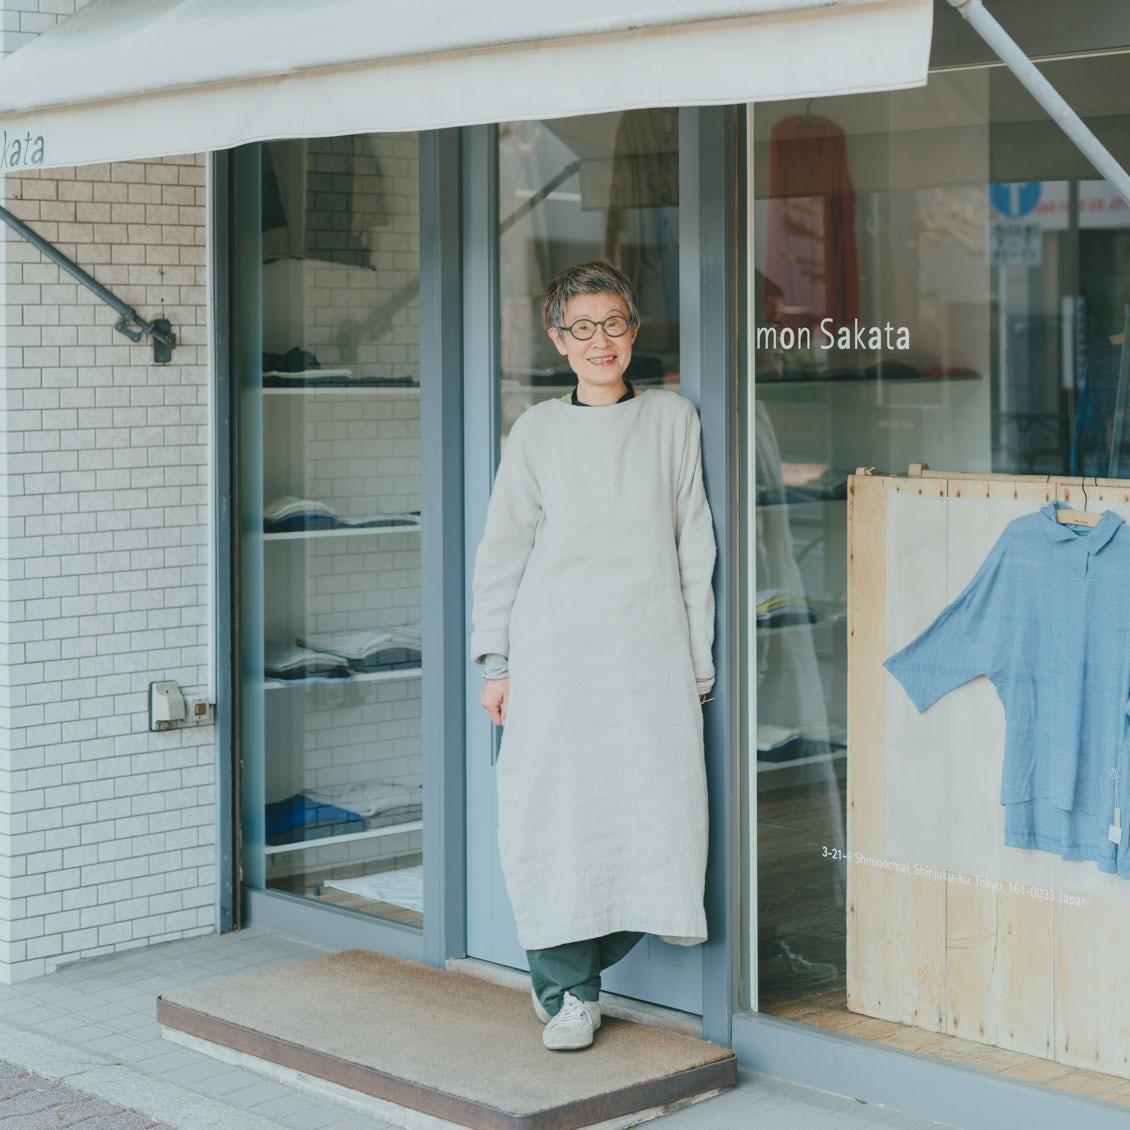 【おしゃれな人】第1話:モットーは「さりげない」こと。自分のおしゃれを楽しむ、72歳の女性(「mon Sakata」店主・坂田敏子さん)